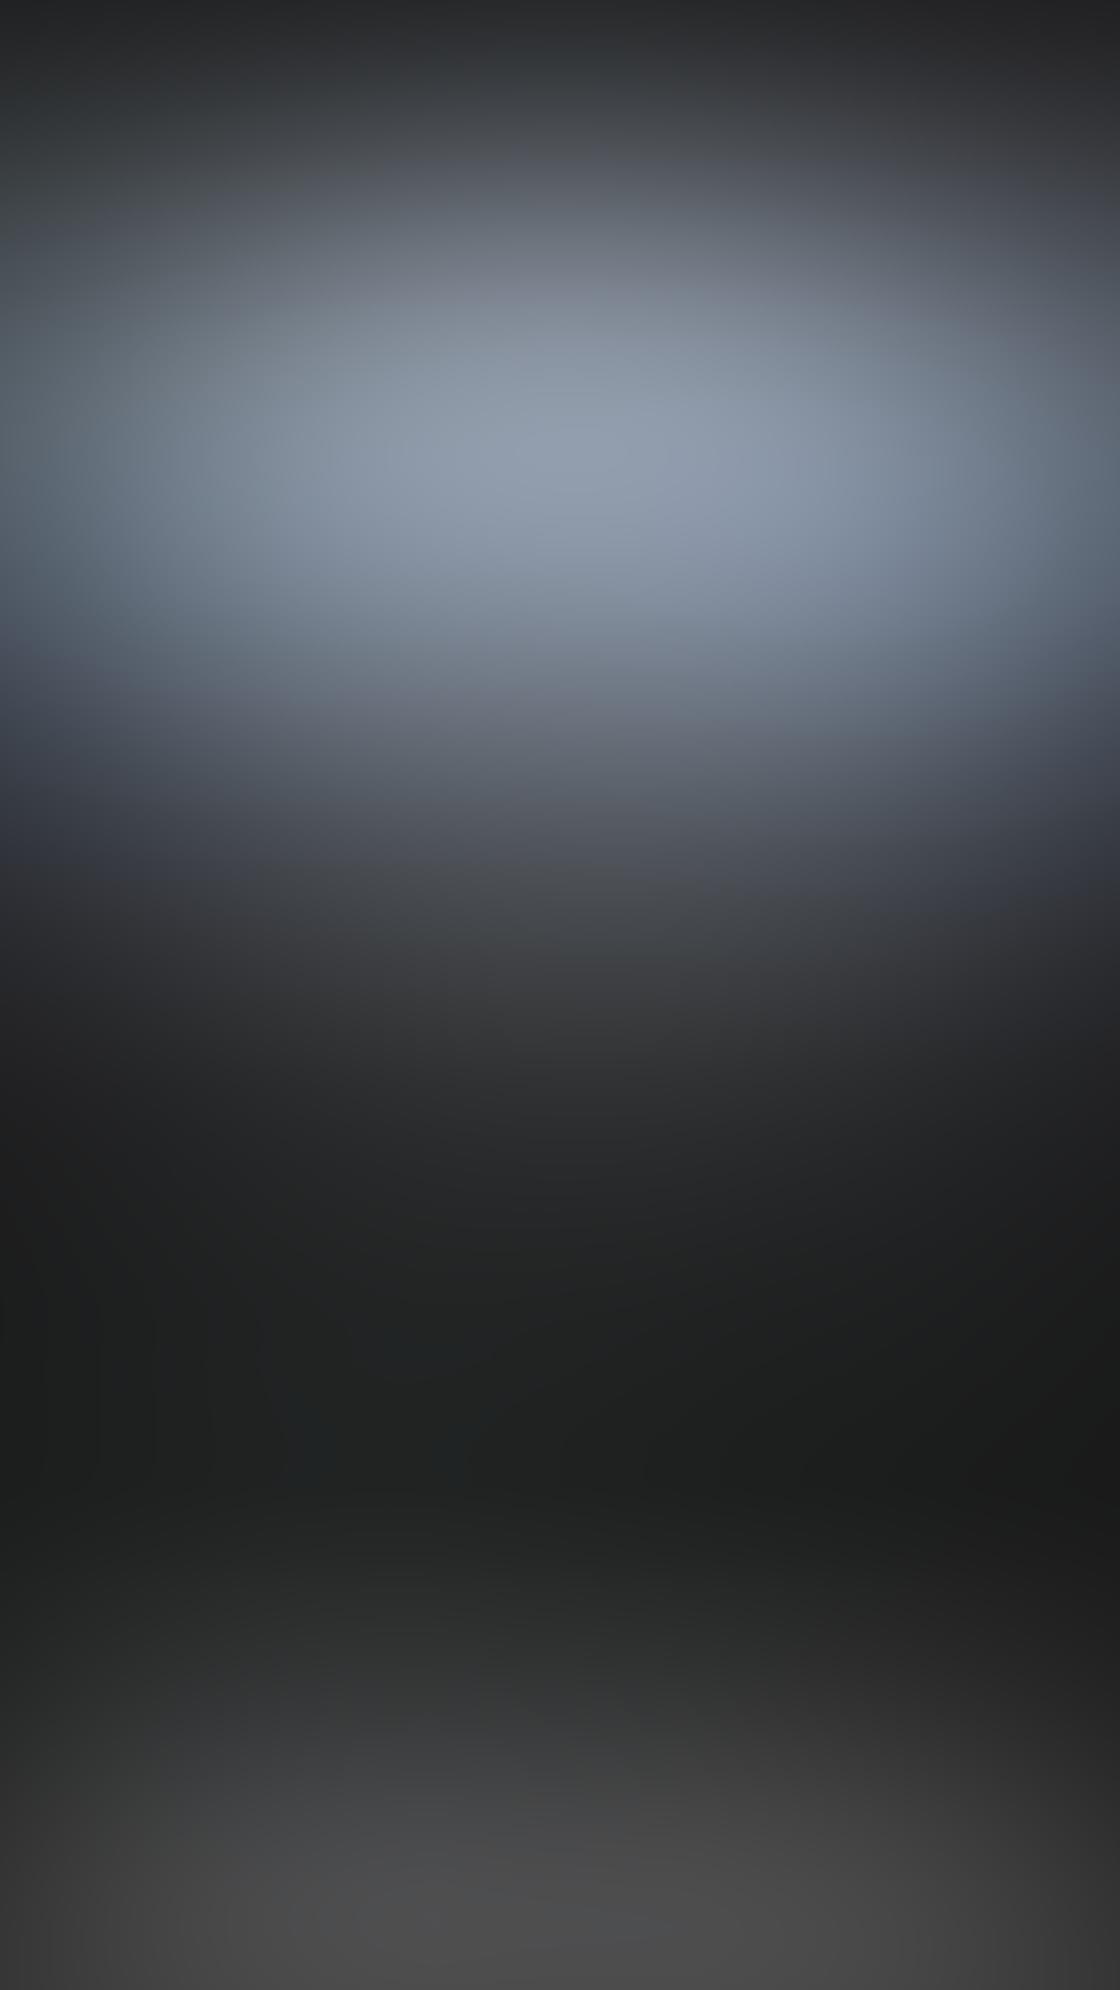 Final Touch Vignette App iPhone Photos 14